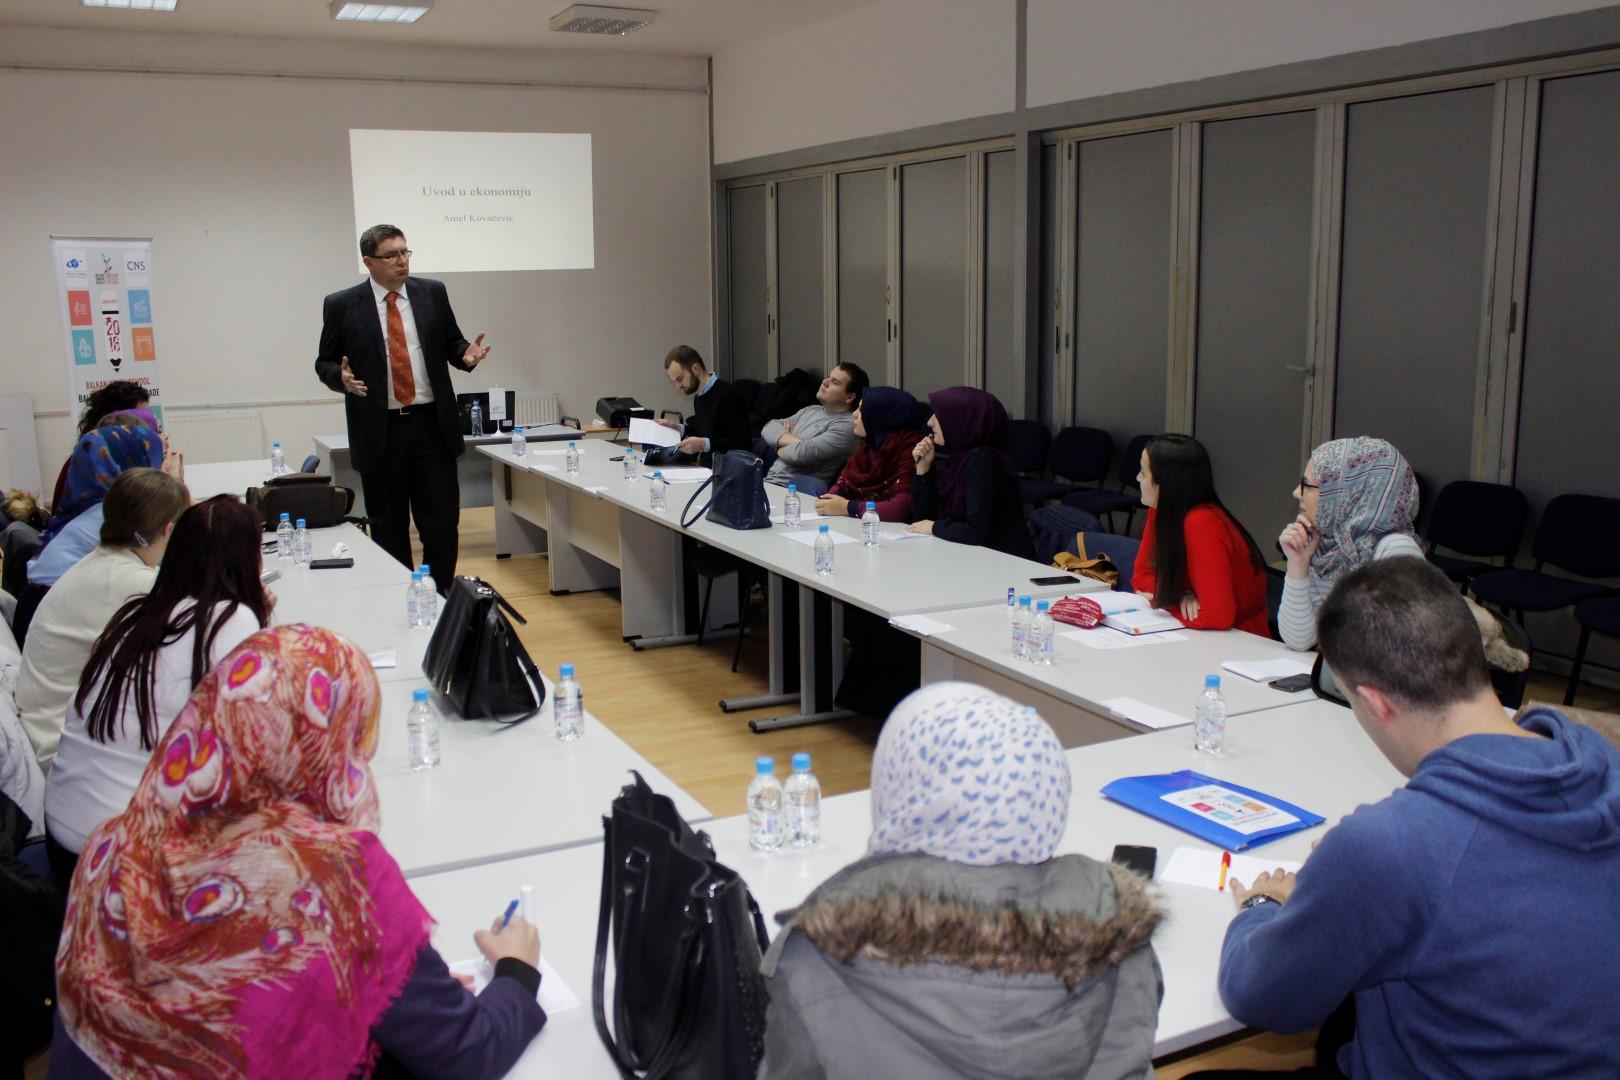 BYS: Predavanja iz ekonomije i međunarodnih odnosa